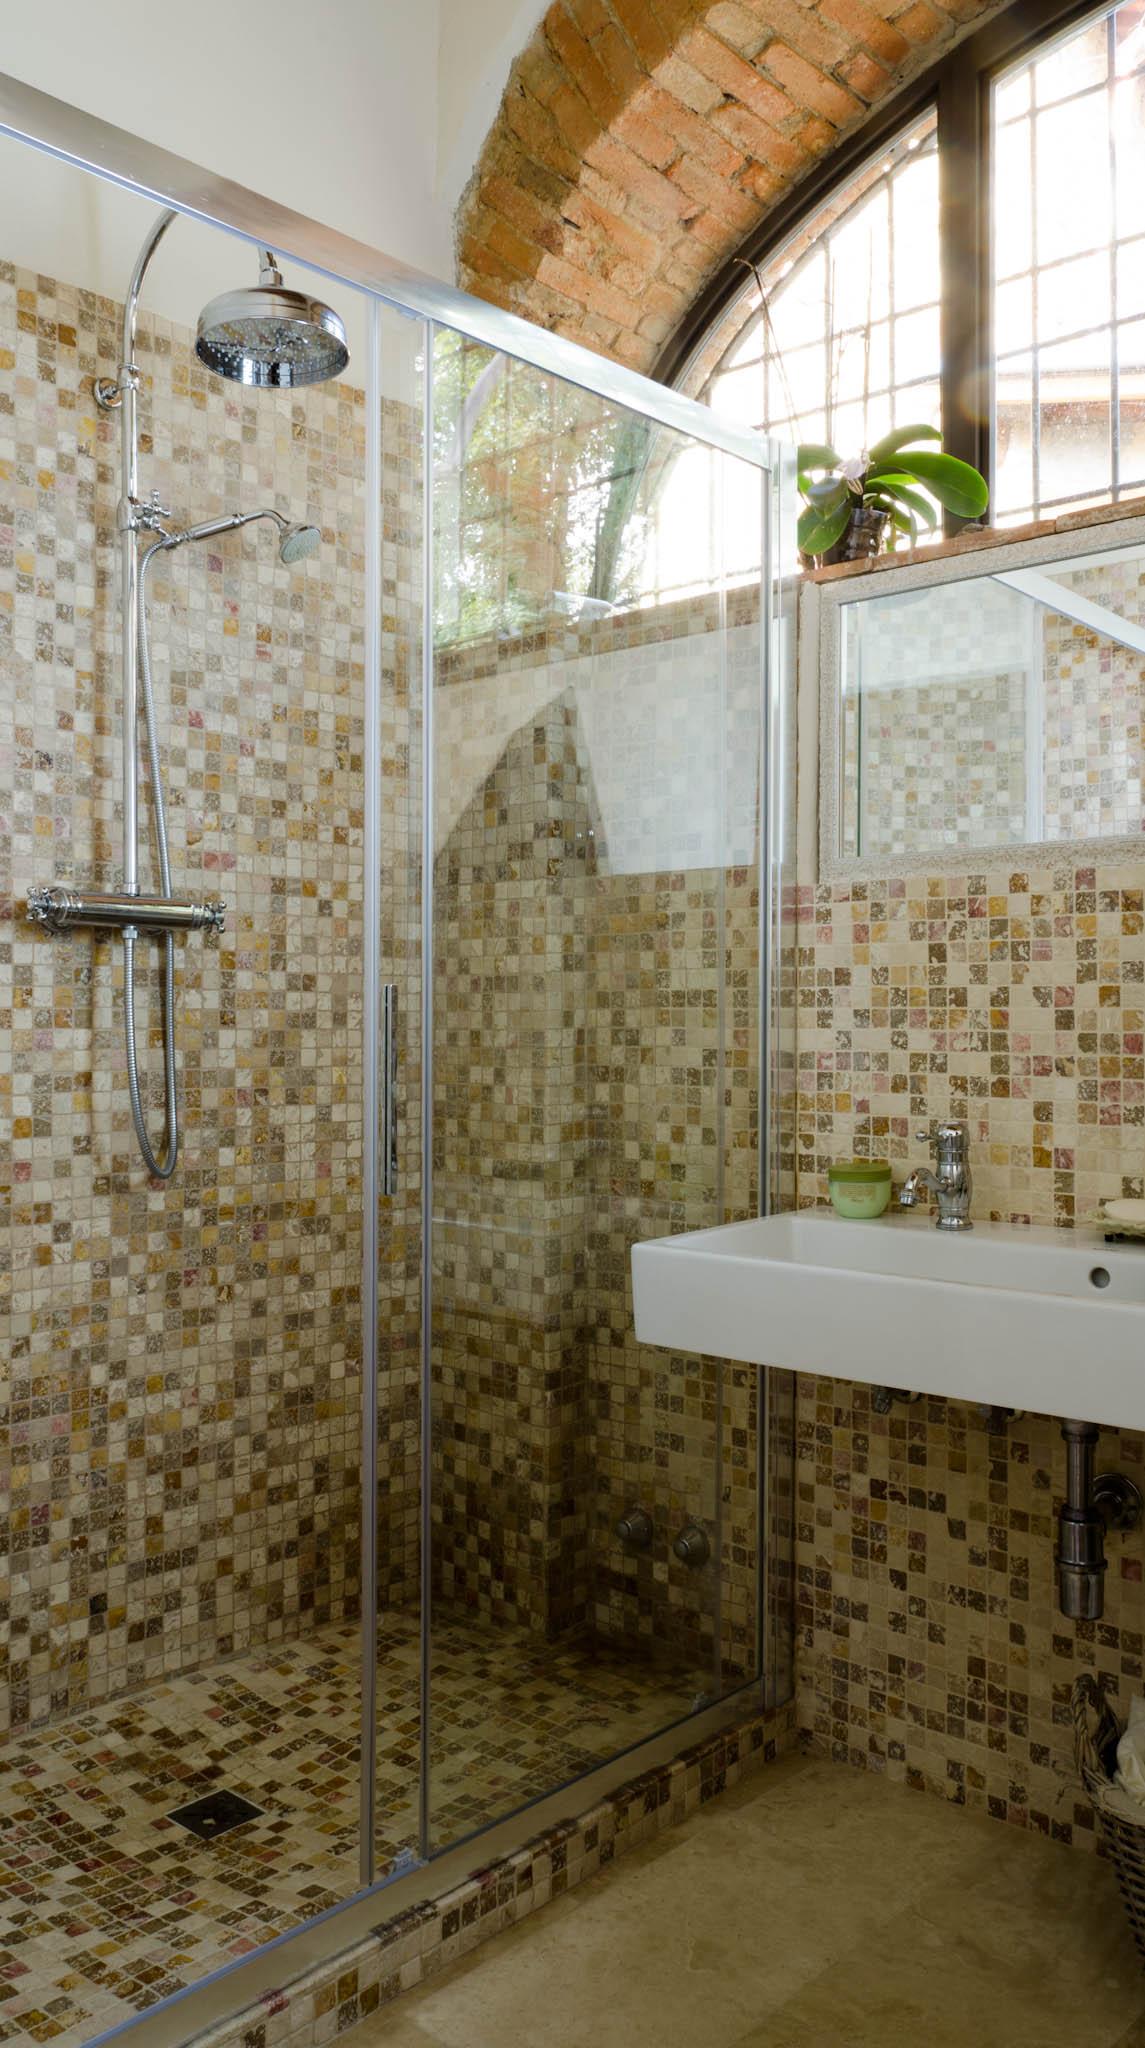 rivestimenti in mosaico per box doccia | mosaici bagno by pietre ... - Bagni Moderni Con Box Doccia